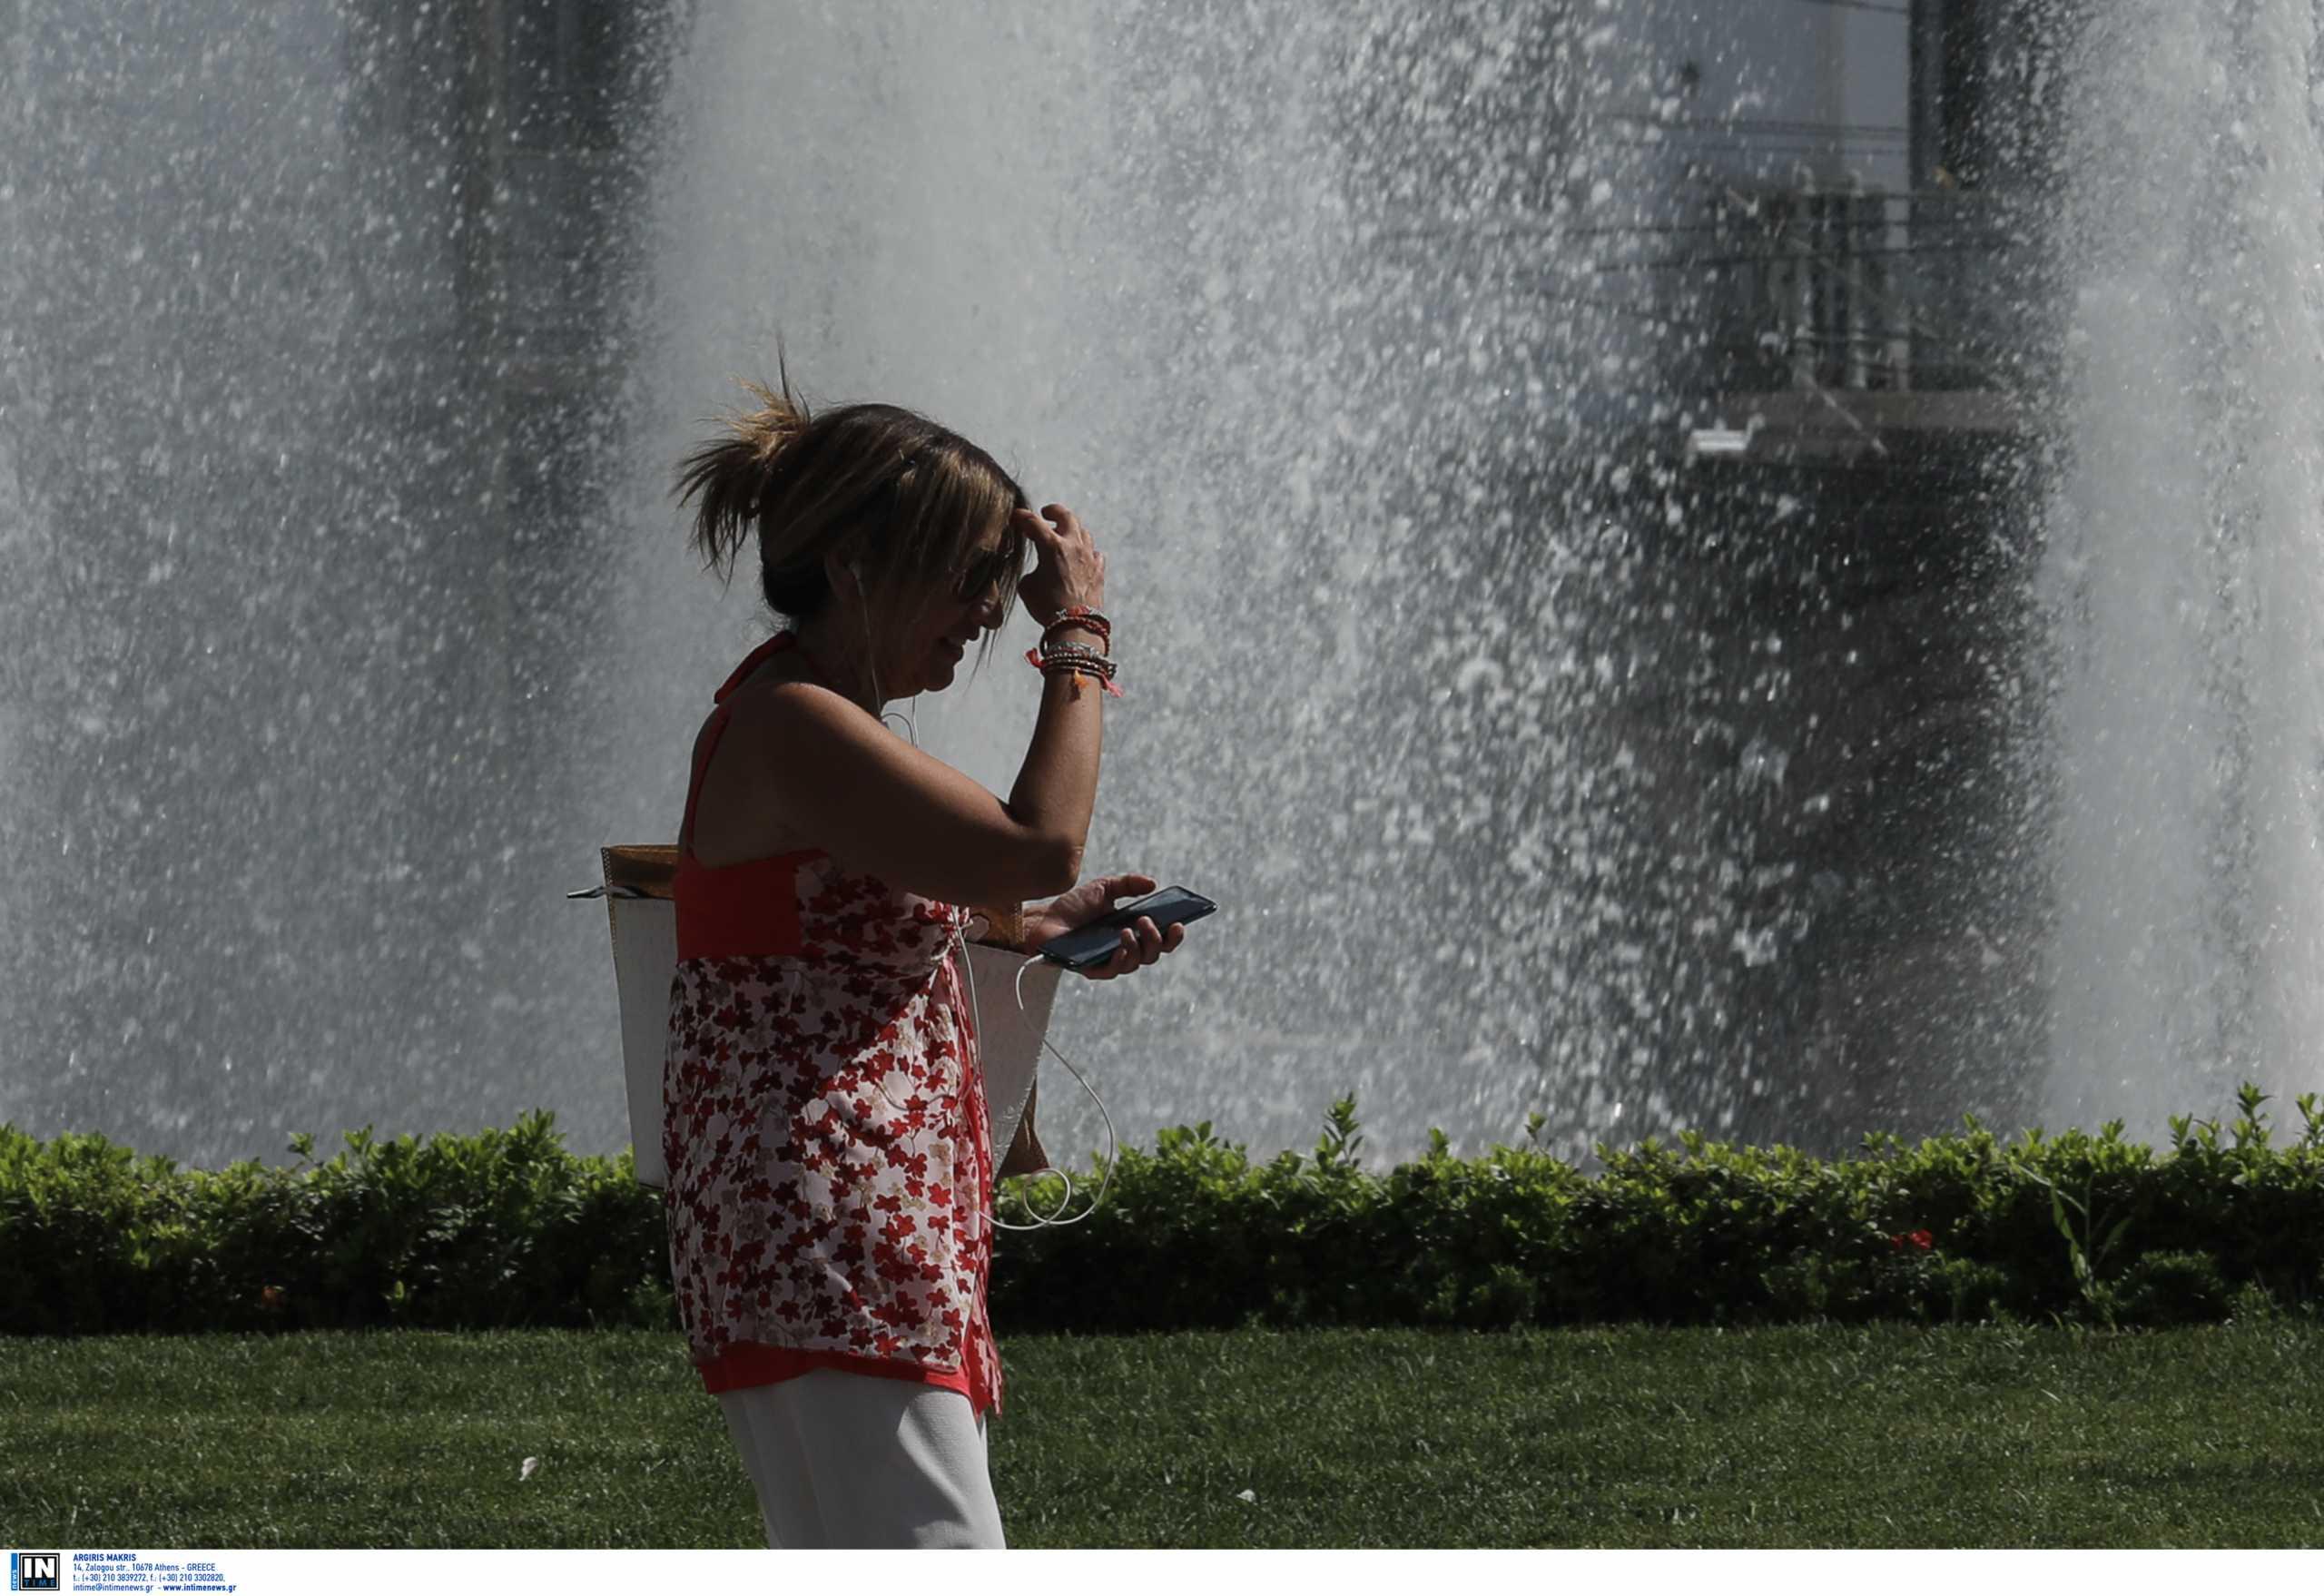 Καιρός: Καύσωνας εφιάλτης με θερμοκρασίες έως 44 βαθμούς Κελσίου – Ποιες περιοχές θα «ψηθούν»